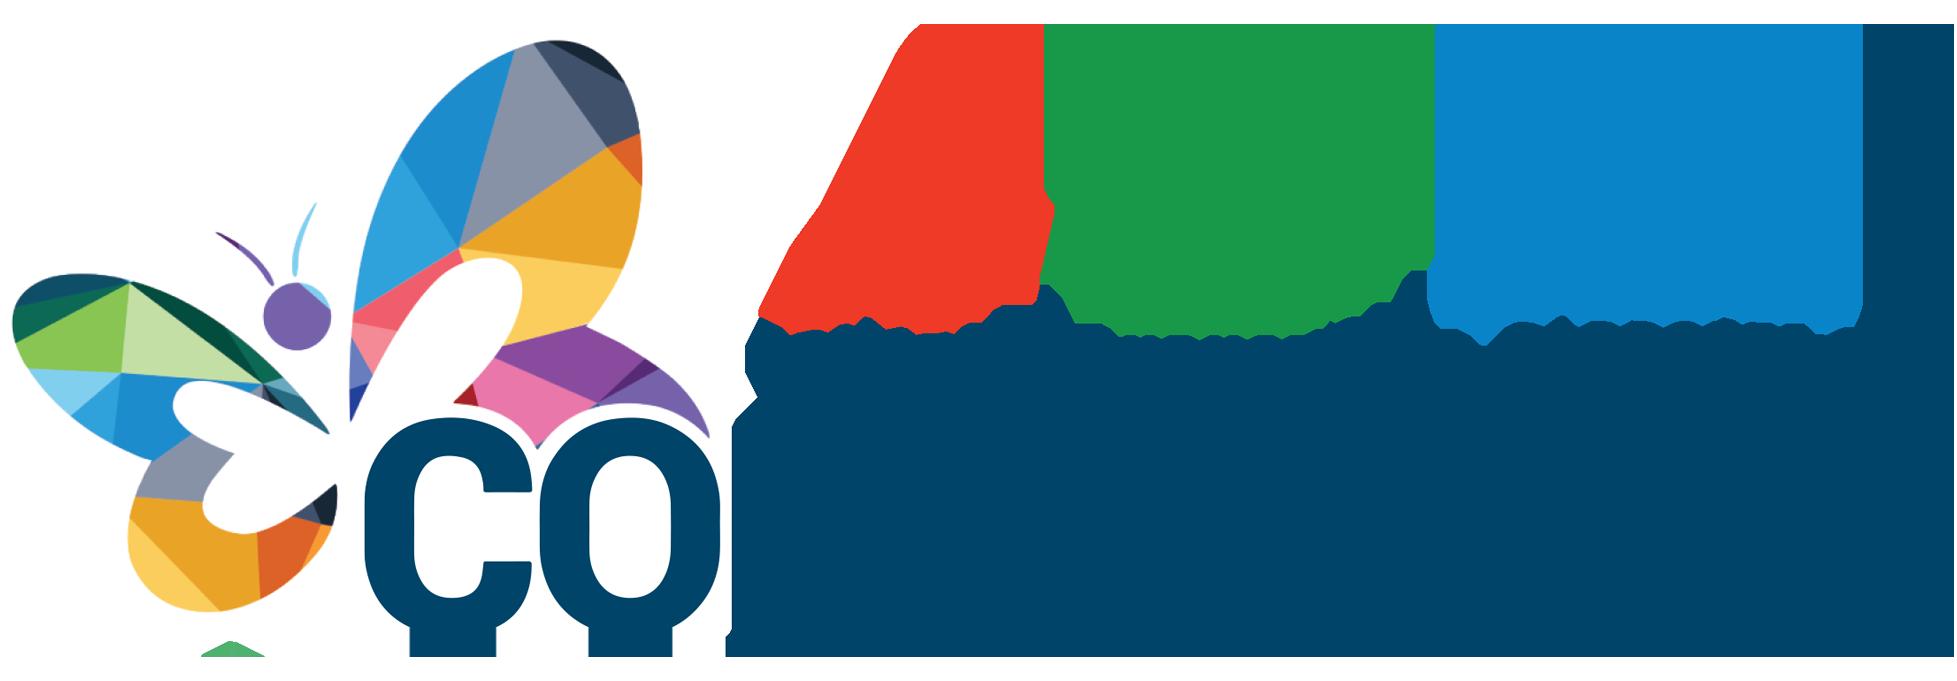 Colormax - Edilizia, Industria, Carrozzeria e Meccatronica